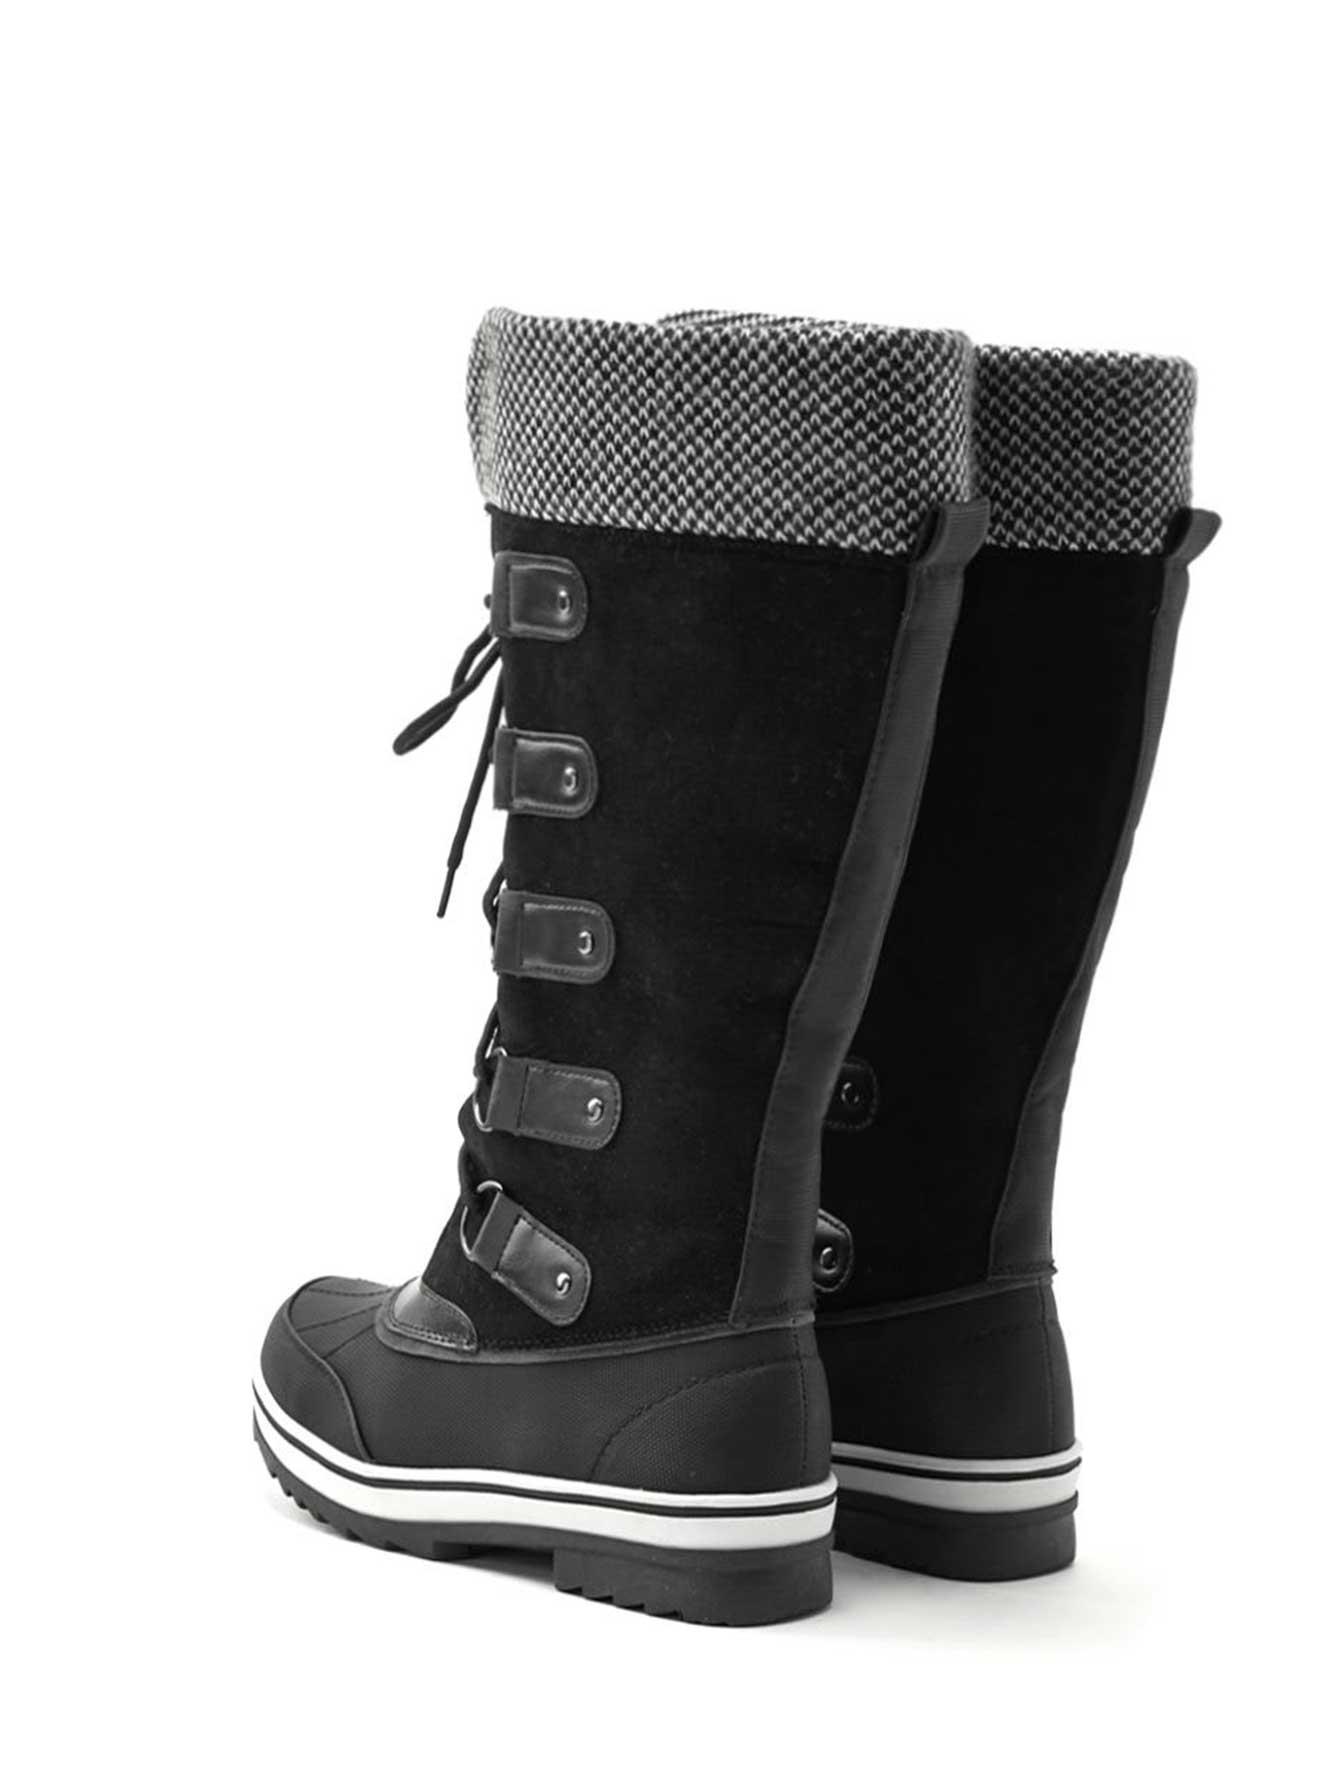 bottes d'hiver hautes, pieds larges | penningtons